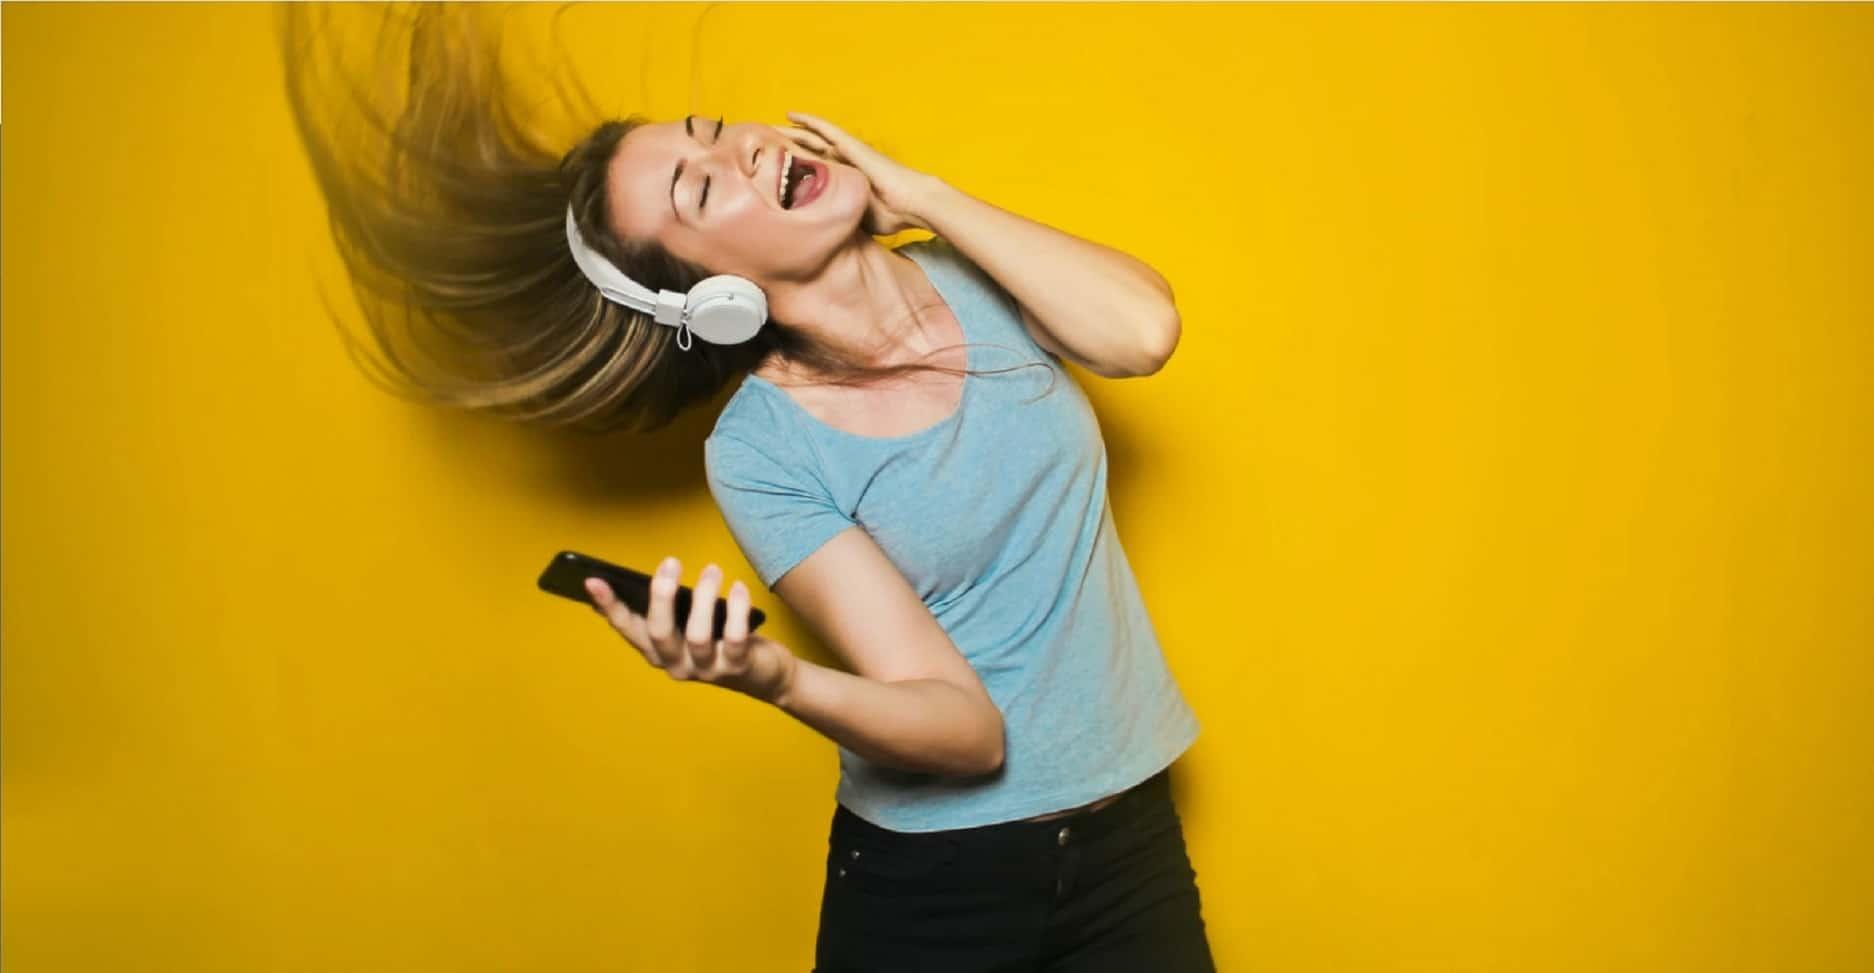 Next Best Headphones to Beats